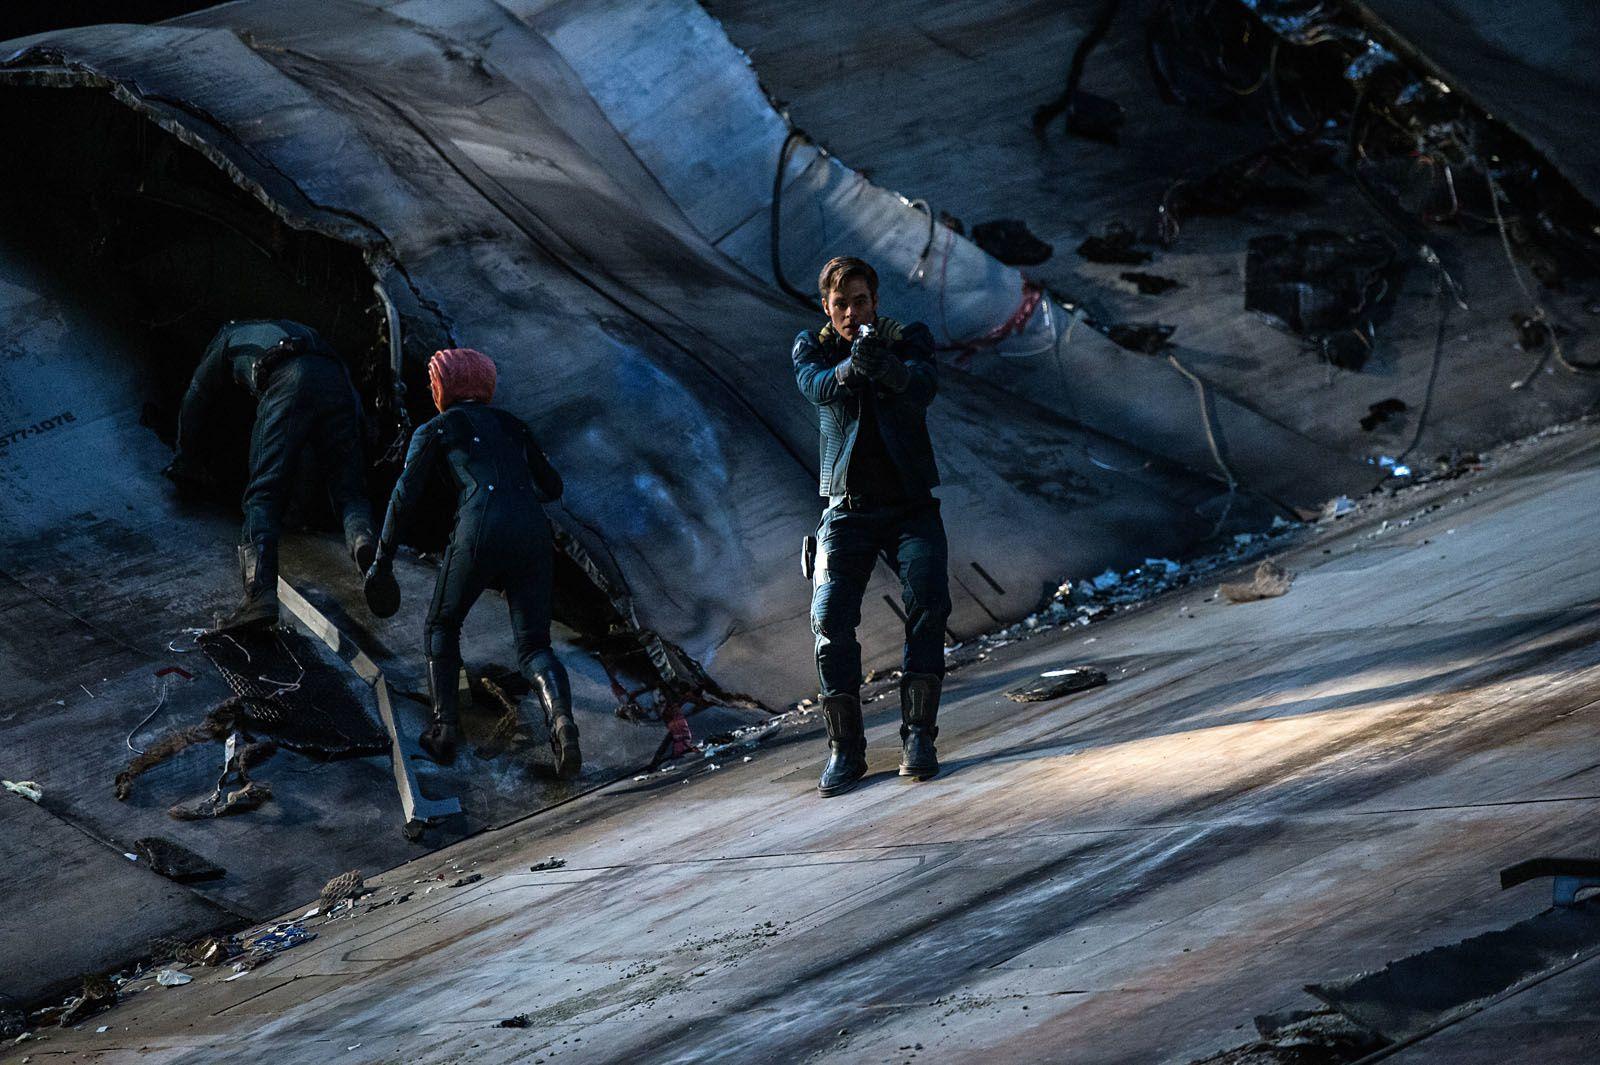 STAR TREK SANS LIMITES (BANDE ANNONCE VF et VOST) Au cinéma le 17 août 2016 (Star Trek Beyond)